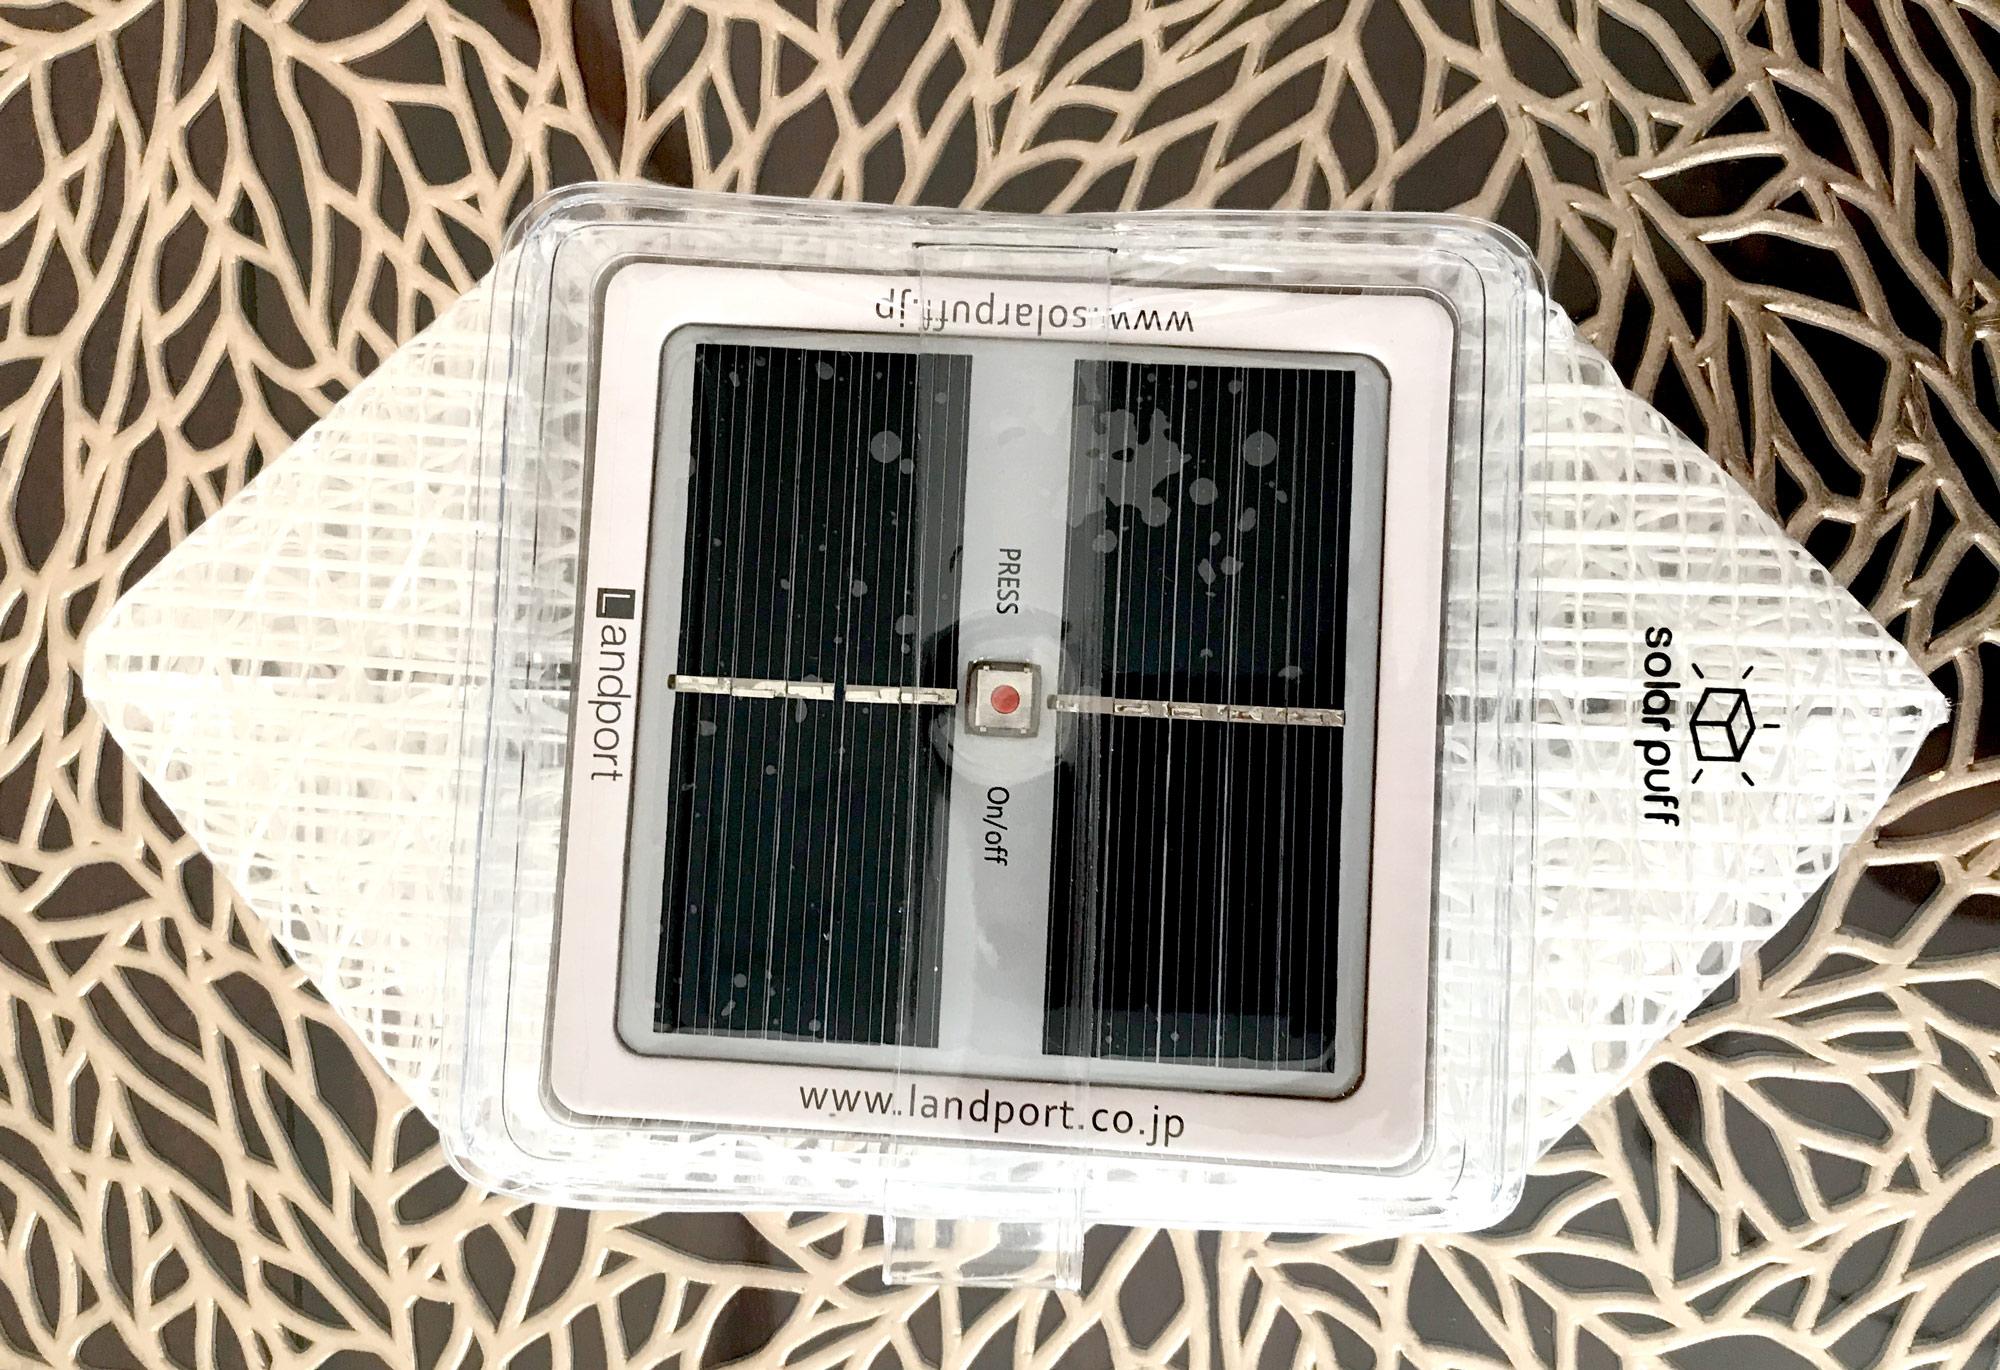 solarpuff ソーラーパフ Carrythesun キャリーザサン